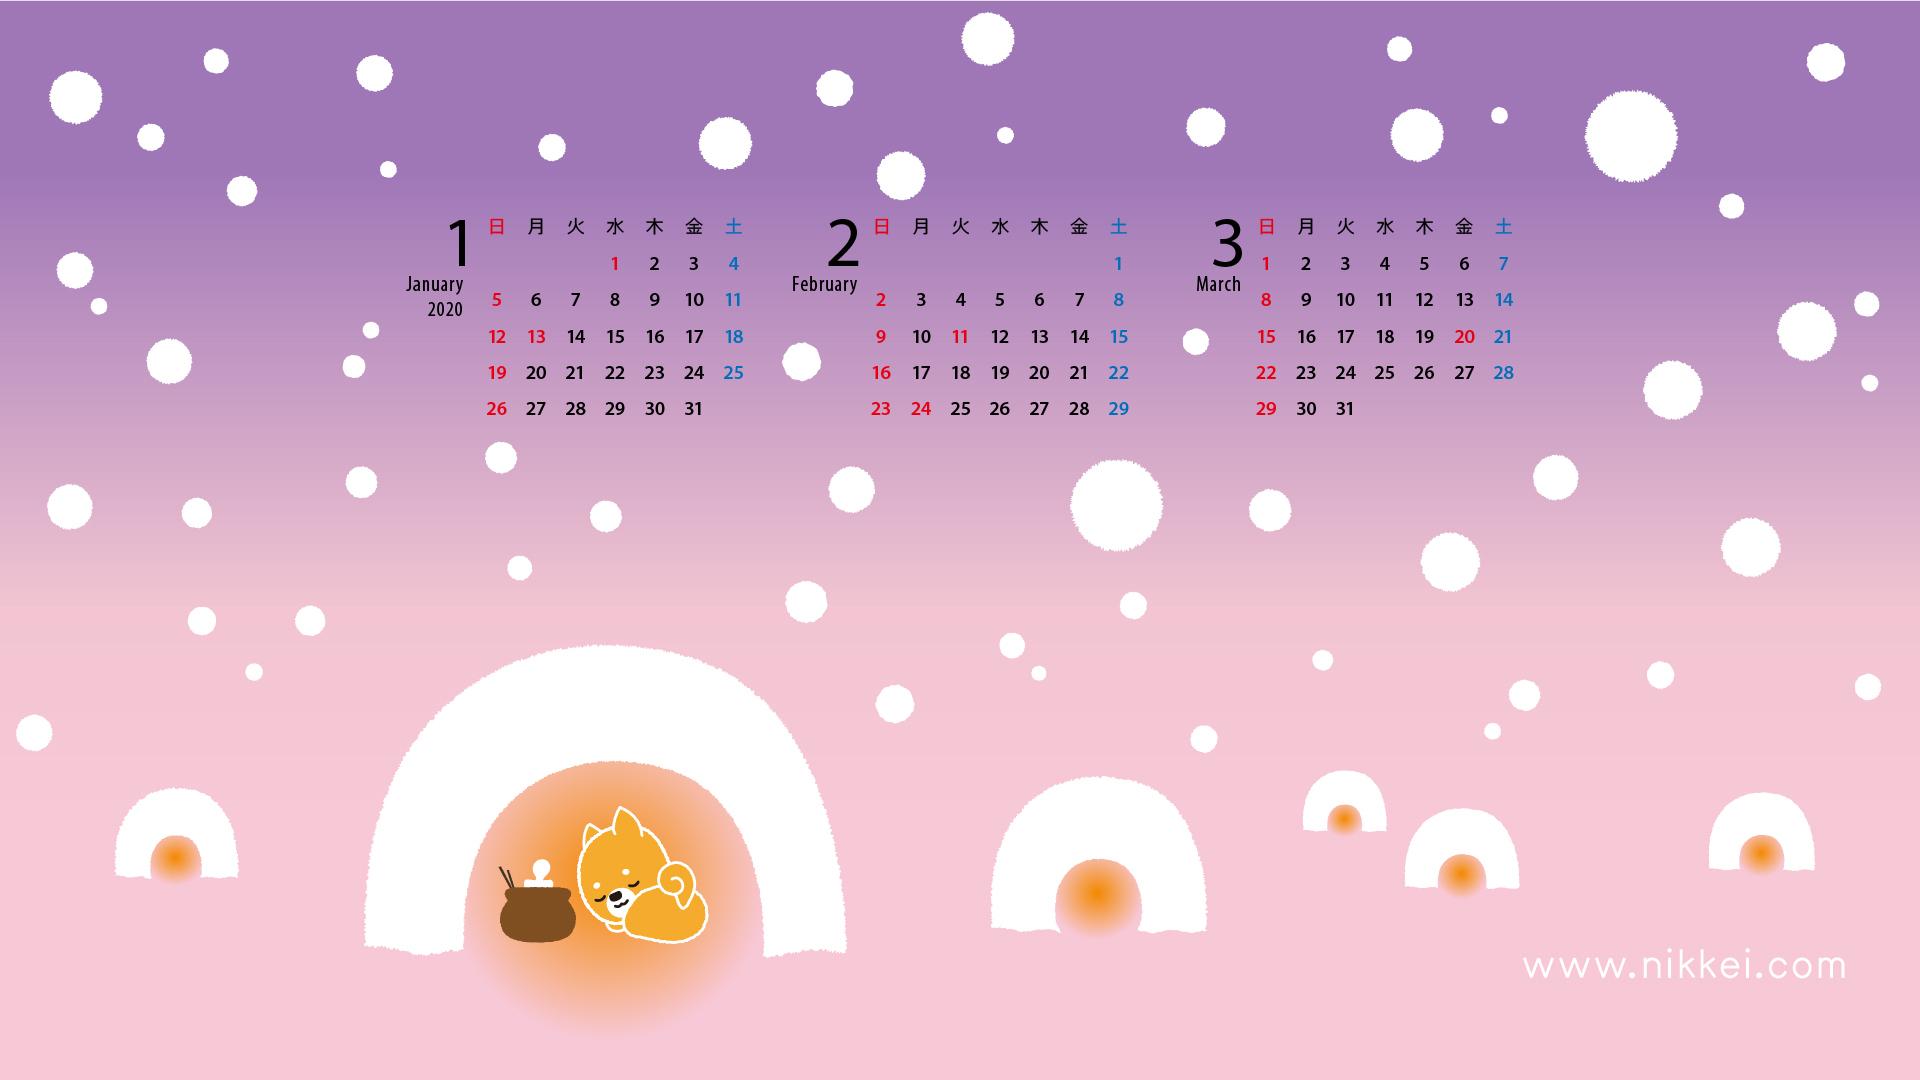 デンシバカレンダー 壁紙を配布中 日経電子版 広報部